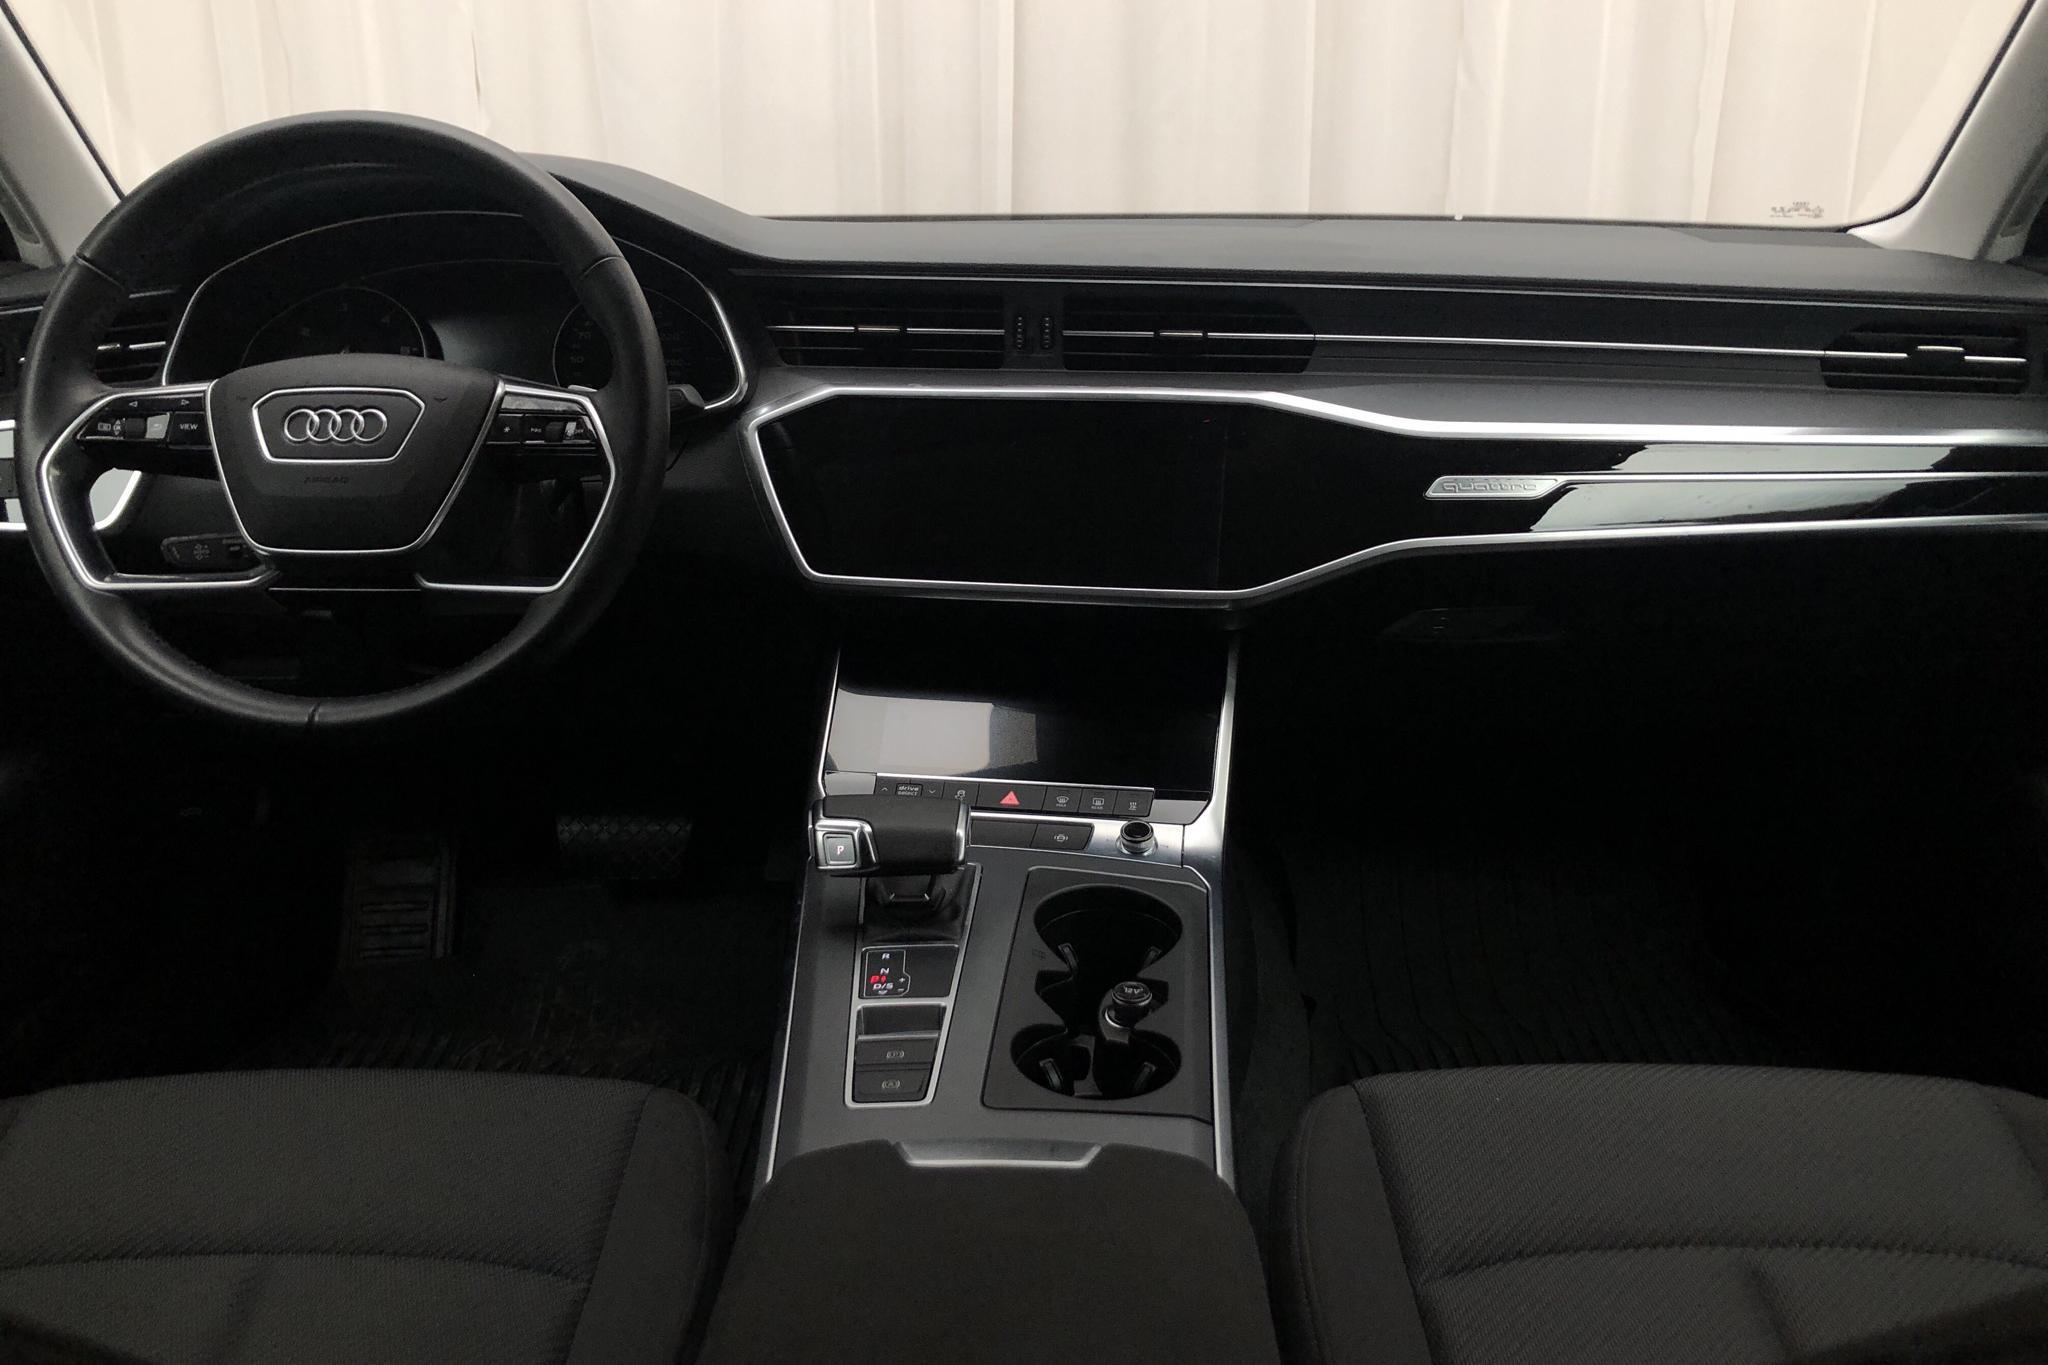 Audi A6 Sedan 40 TDI quattro (204hk) - 2 477 mil - Automat - svart - 2020